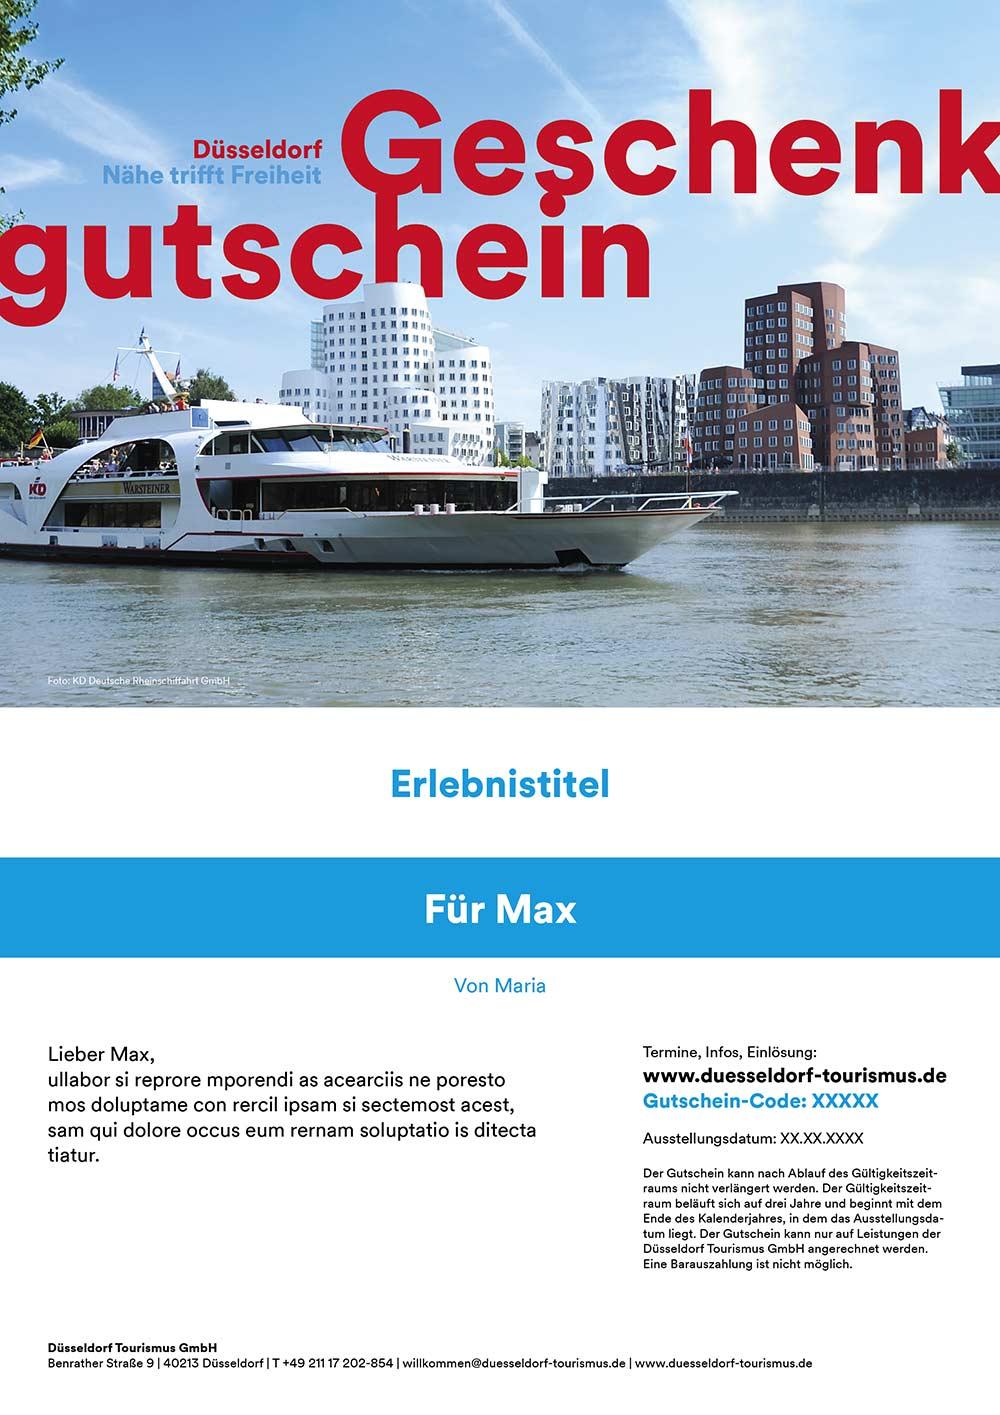 duesseldorf_geschenk-10: Allgemein